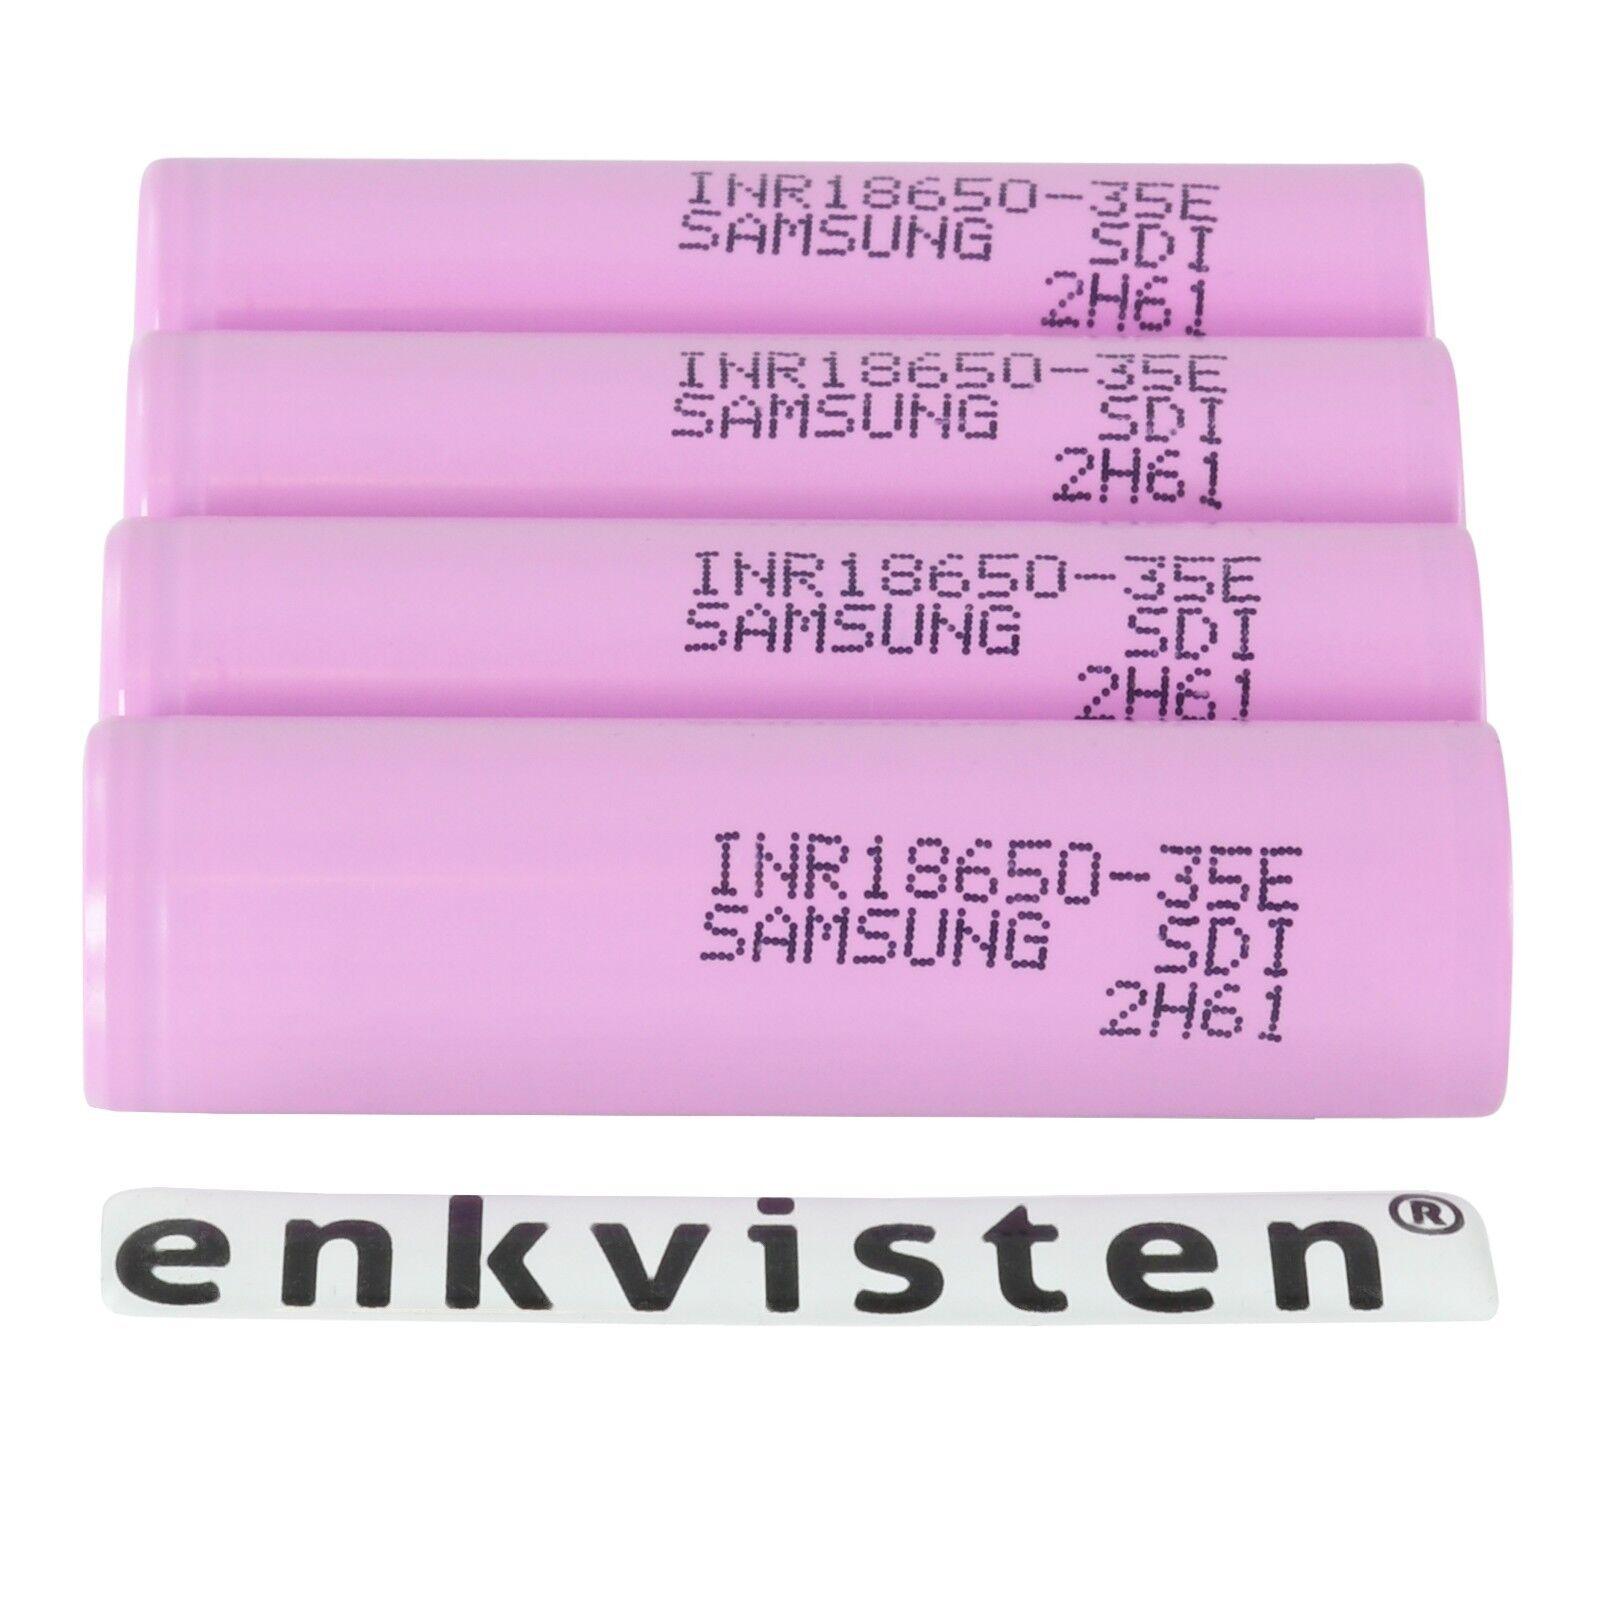 Samsung INR18650-35E Akku - 3450mAh 3.7V Zelle - Menge 1/2/3/4/6/10 Stück Li-Ion